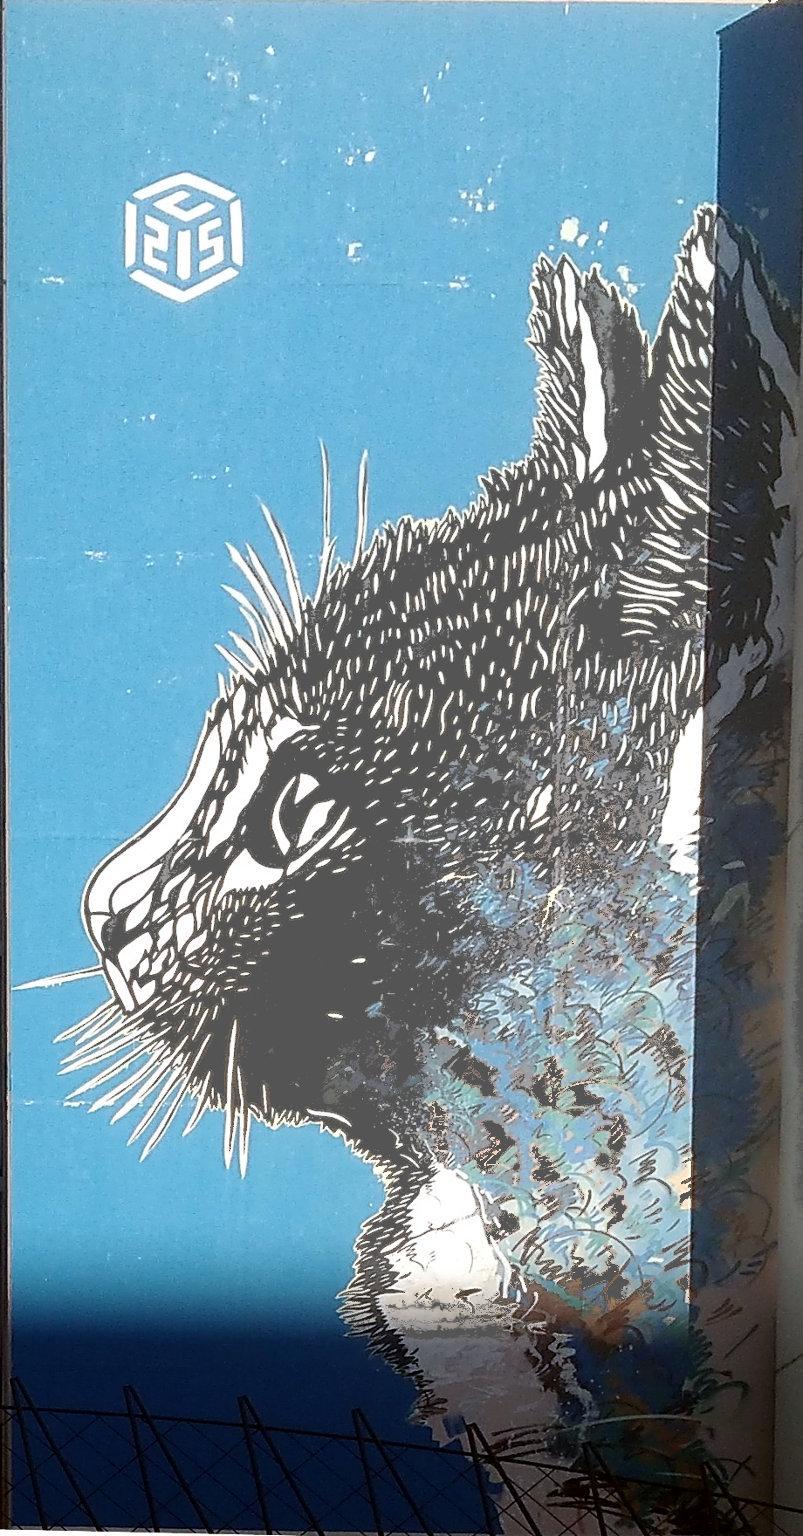 Street Art, 141 boulevard Vincent Auriol, 13th Arrondissement, Paris, France